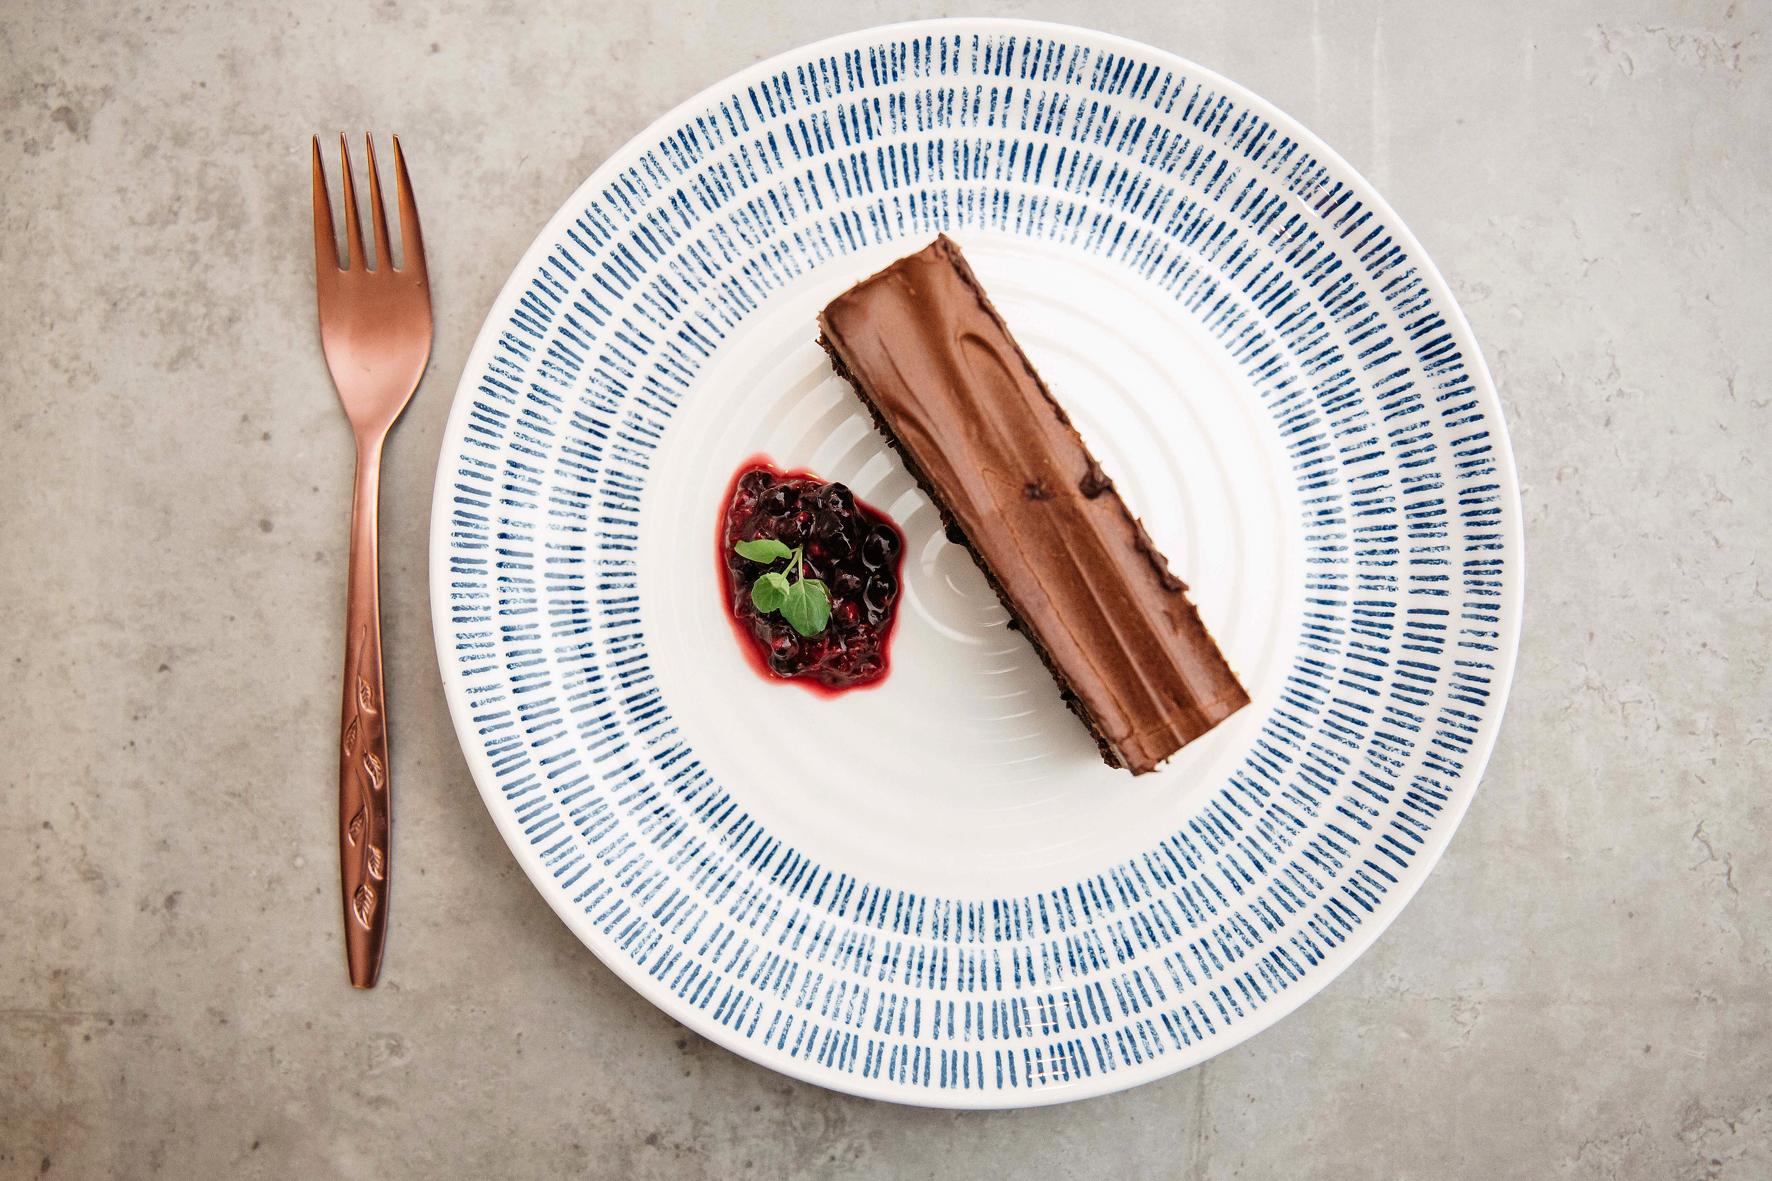 Dine Delivered chocolate dessert